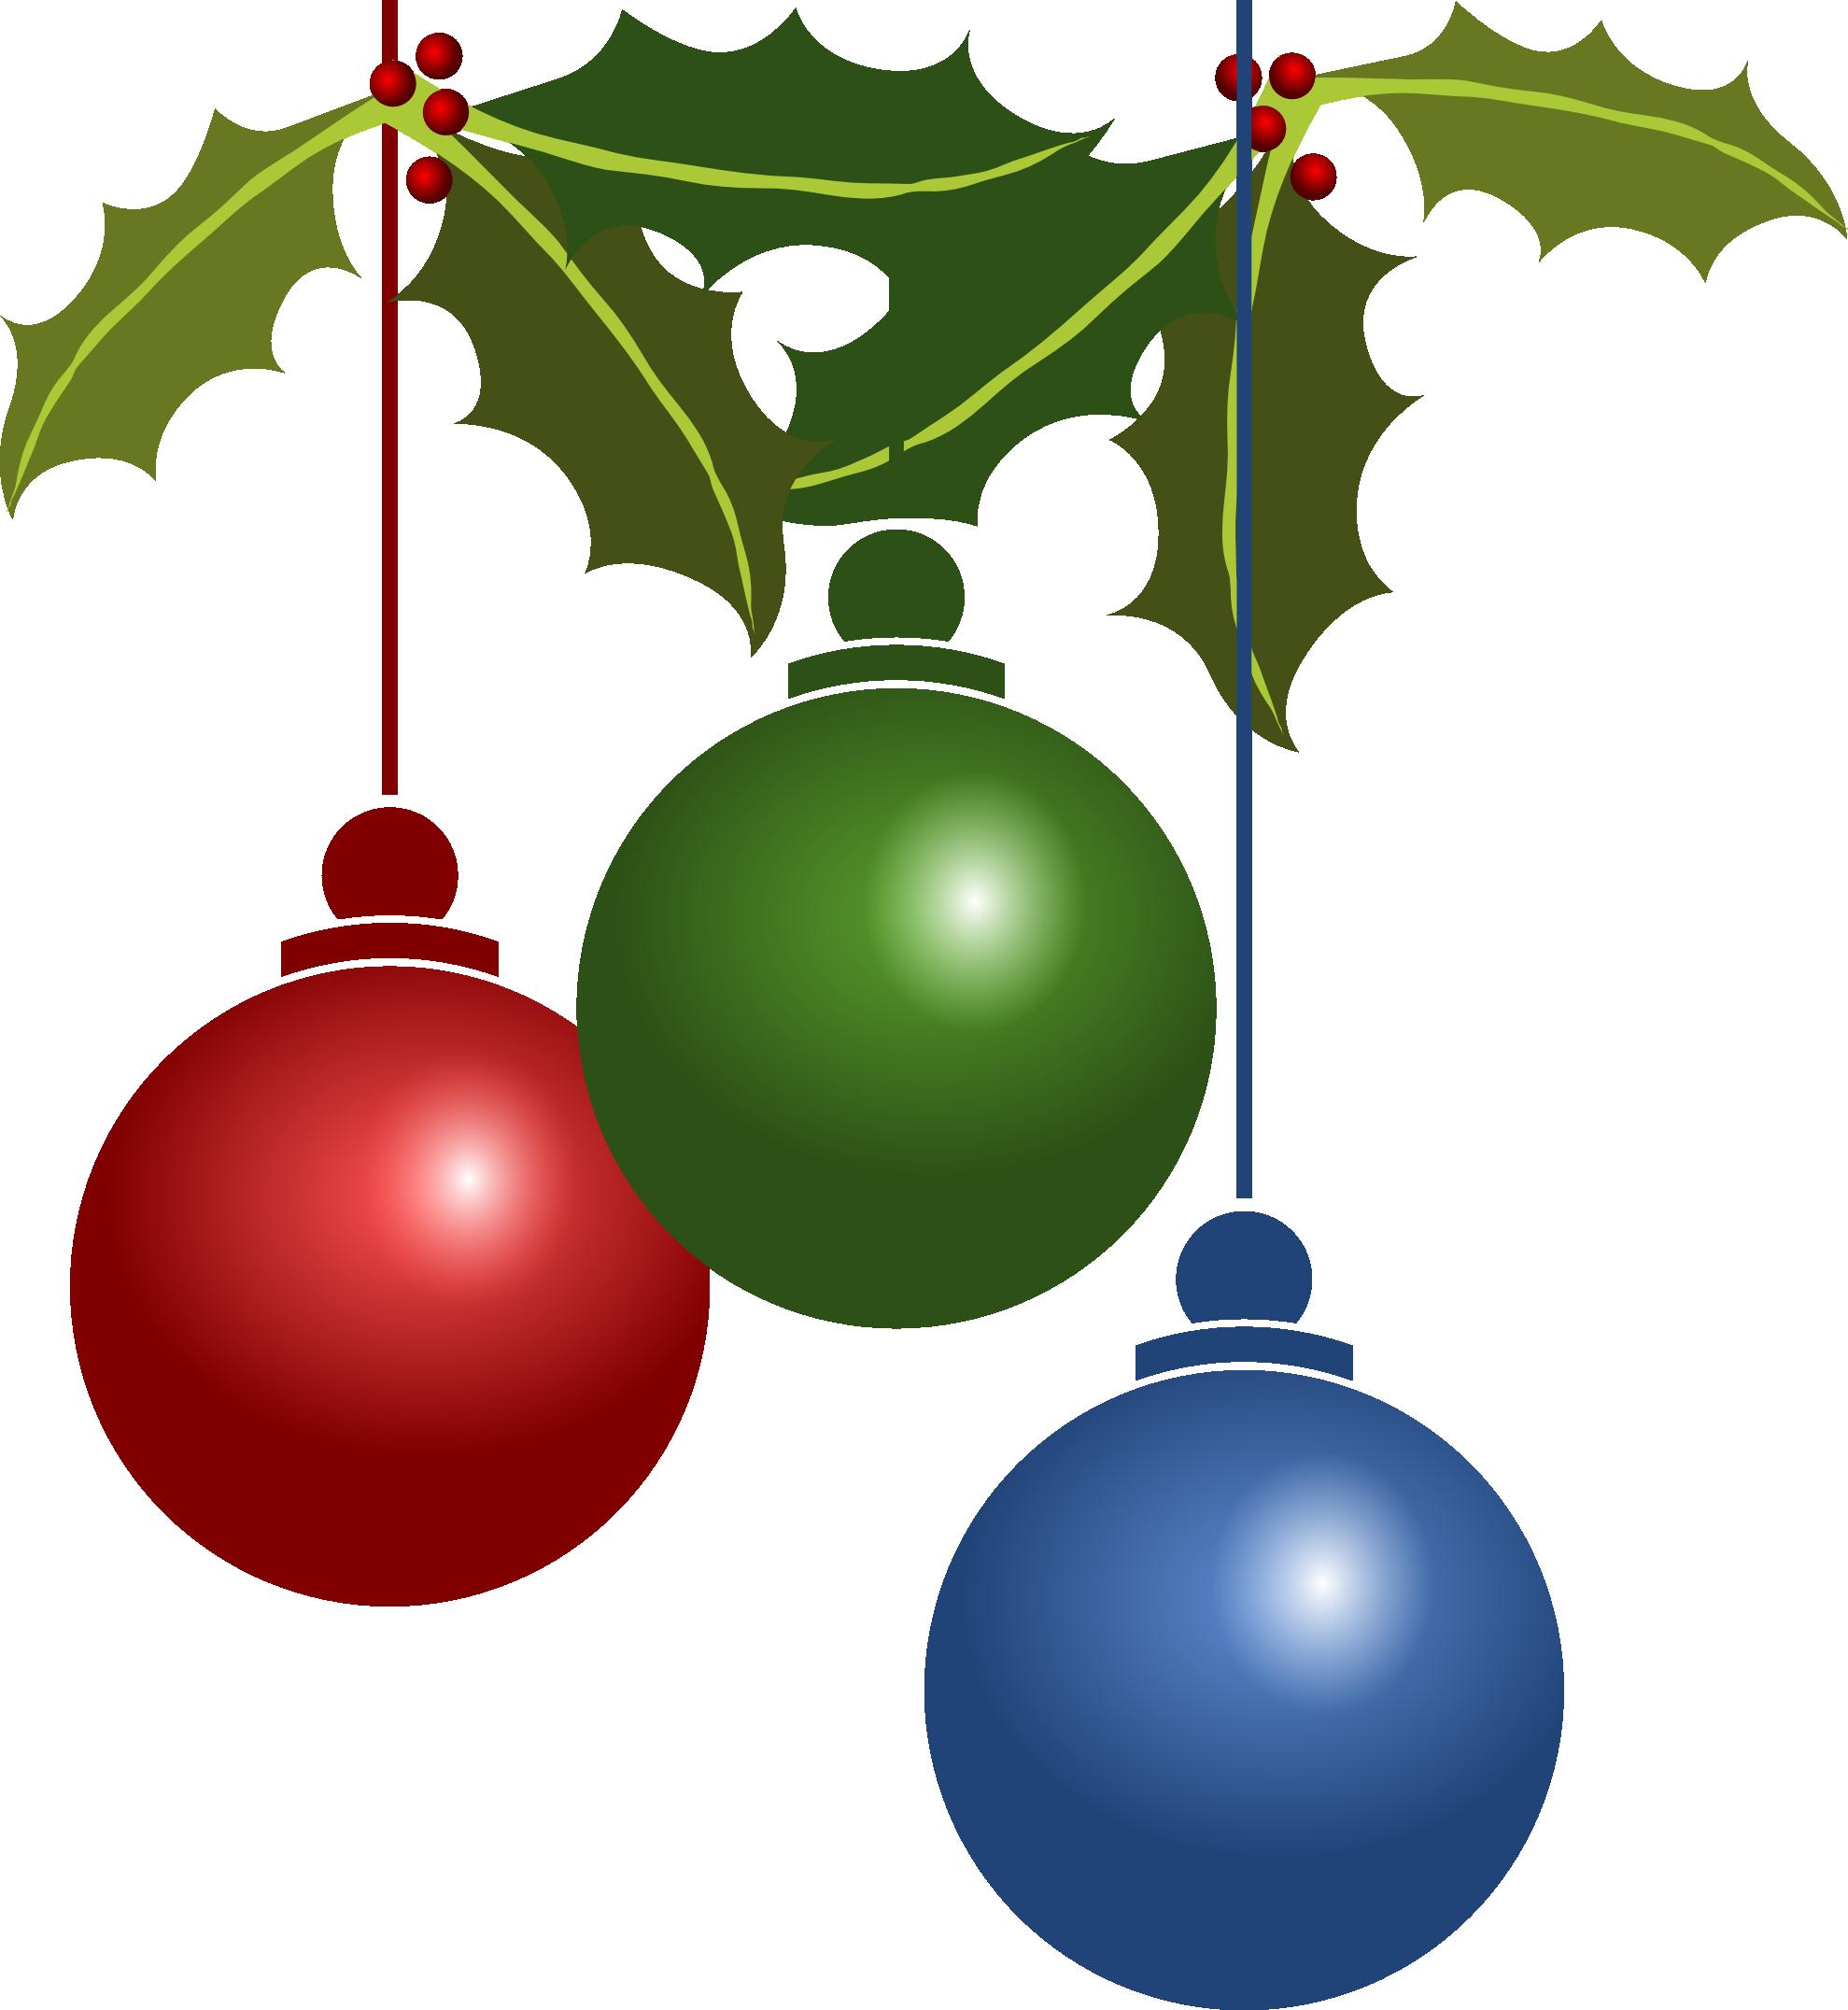 Holydays clipart christmas #5